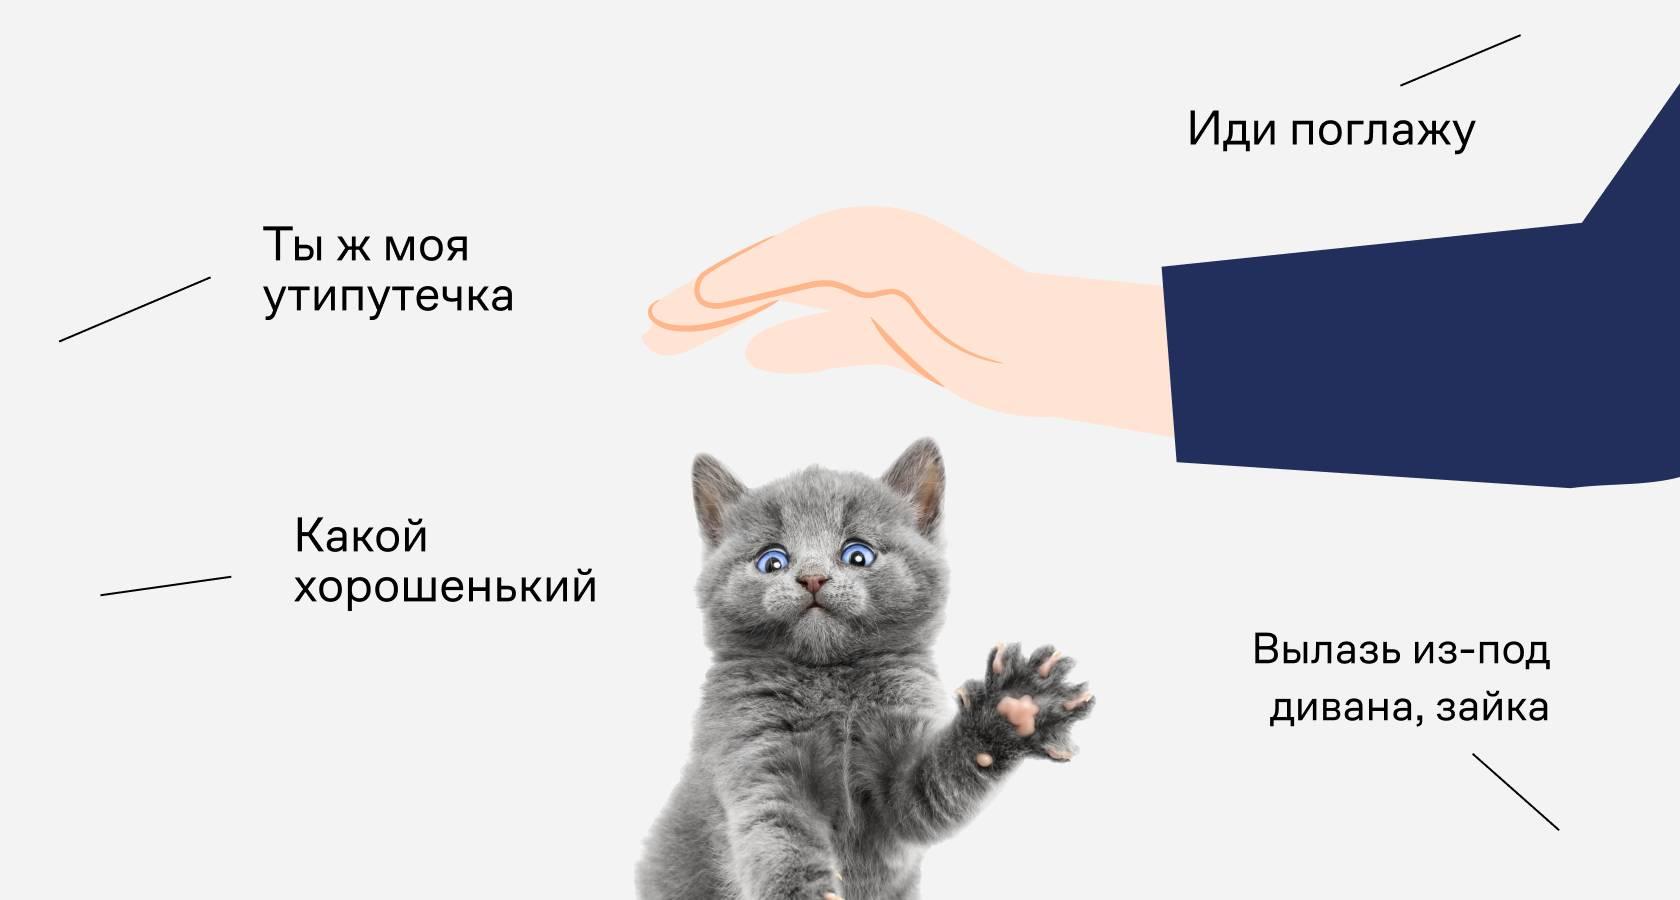 Кот или кошка шипит на хозяина — что делать?   zdavnews.ru